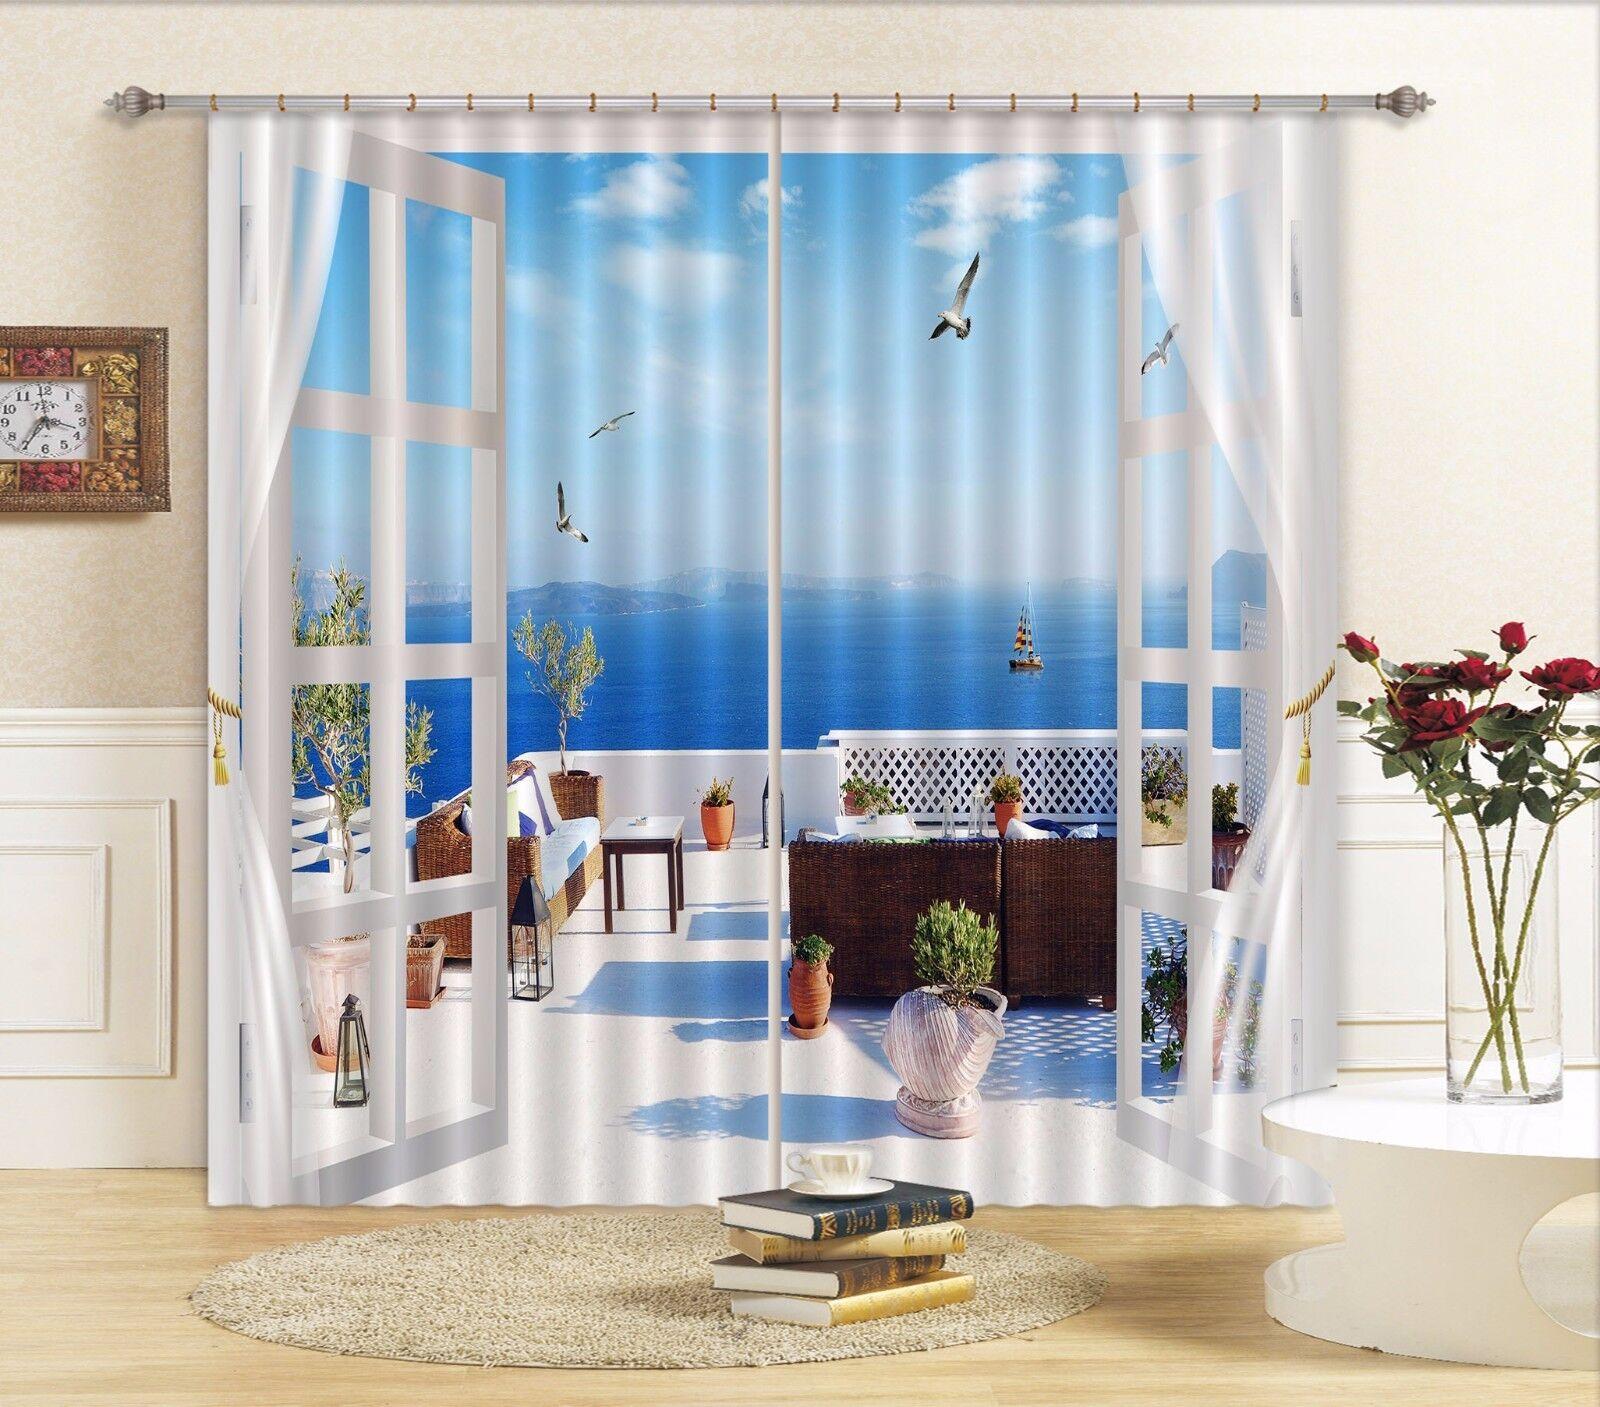 3D Cielo Azul 84 Cortinas de impresión de cortina de foto Blockout Tela Cortinas Ventana au